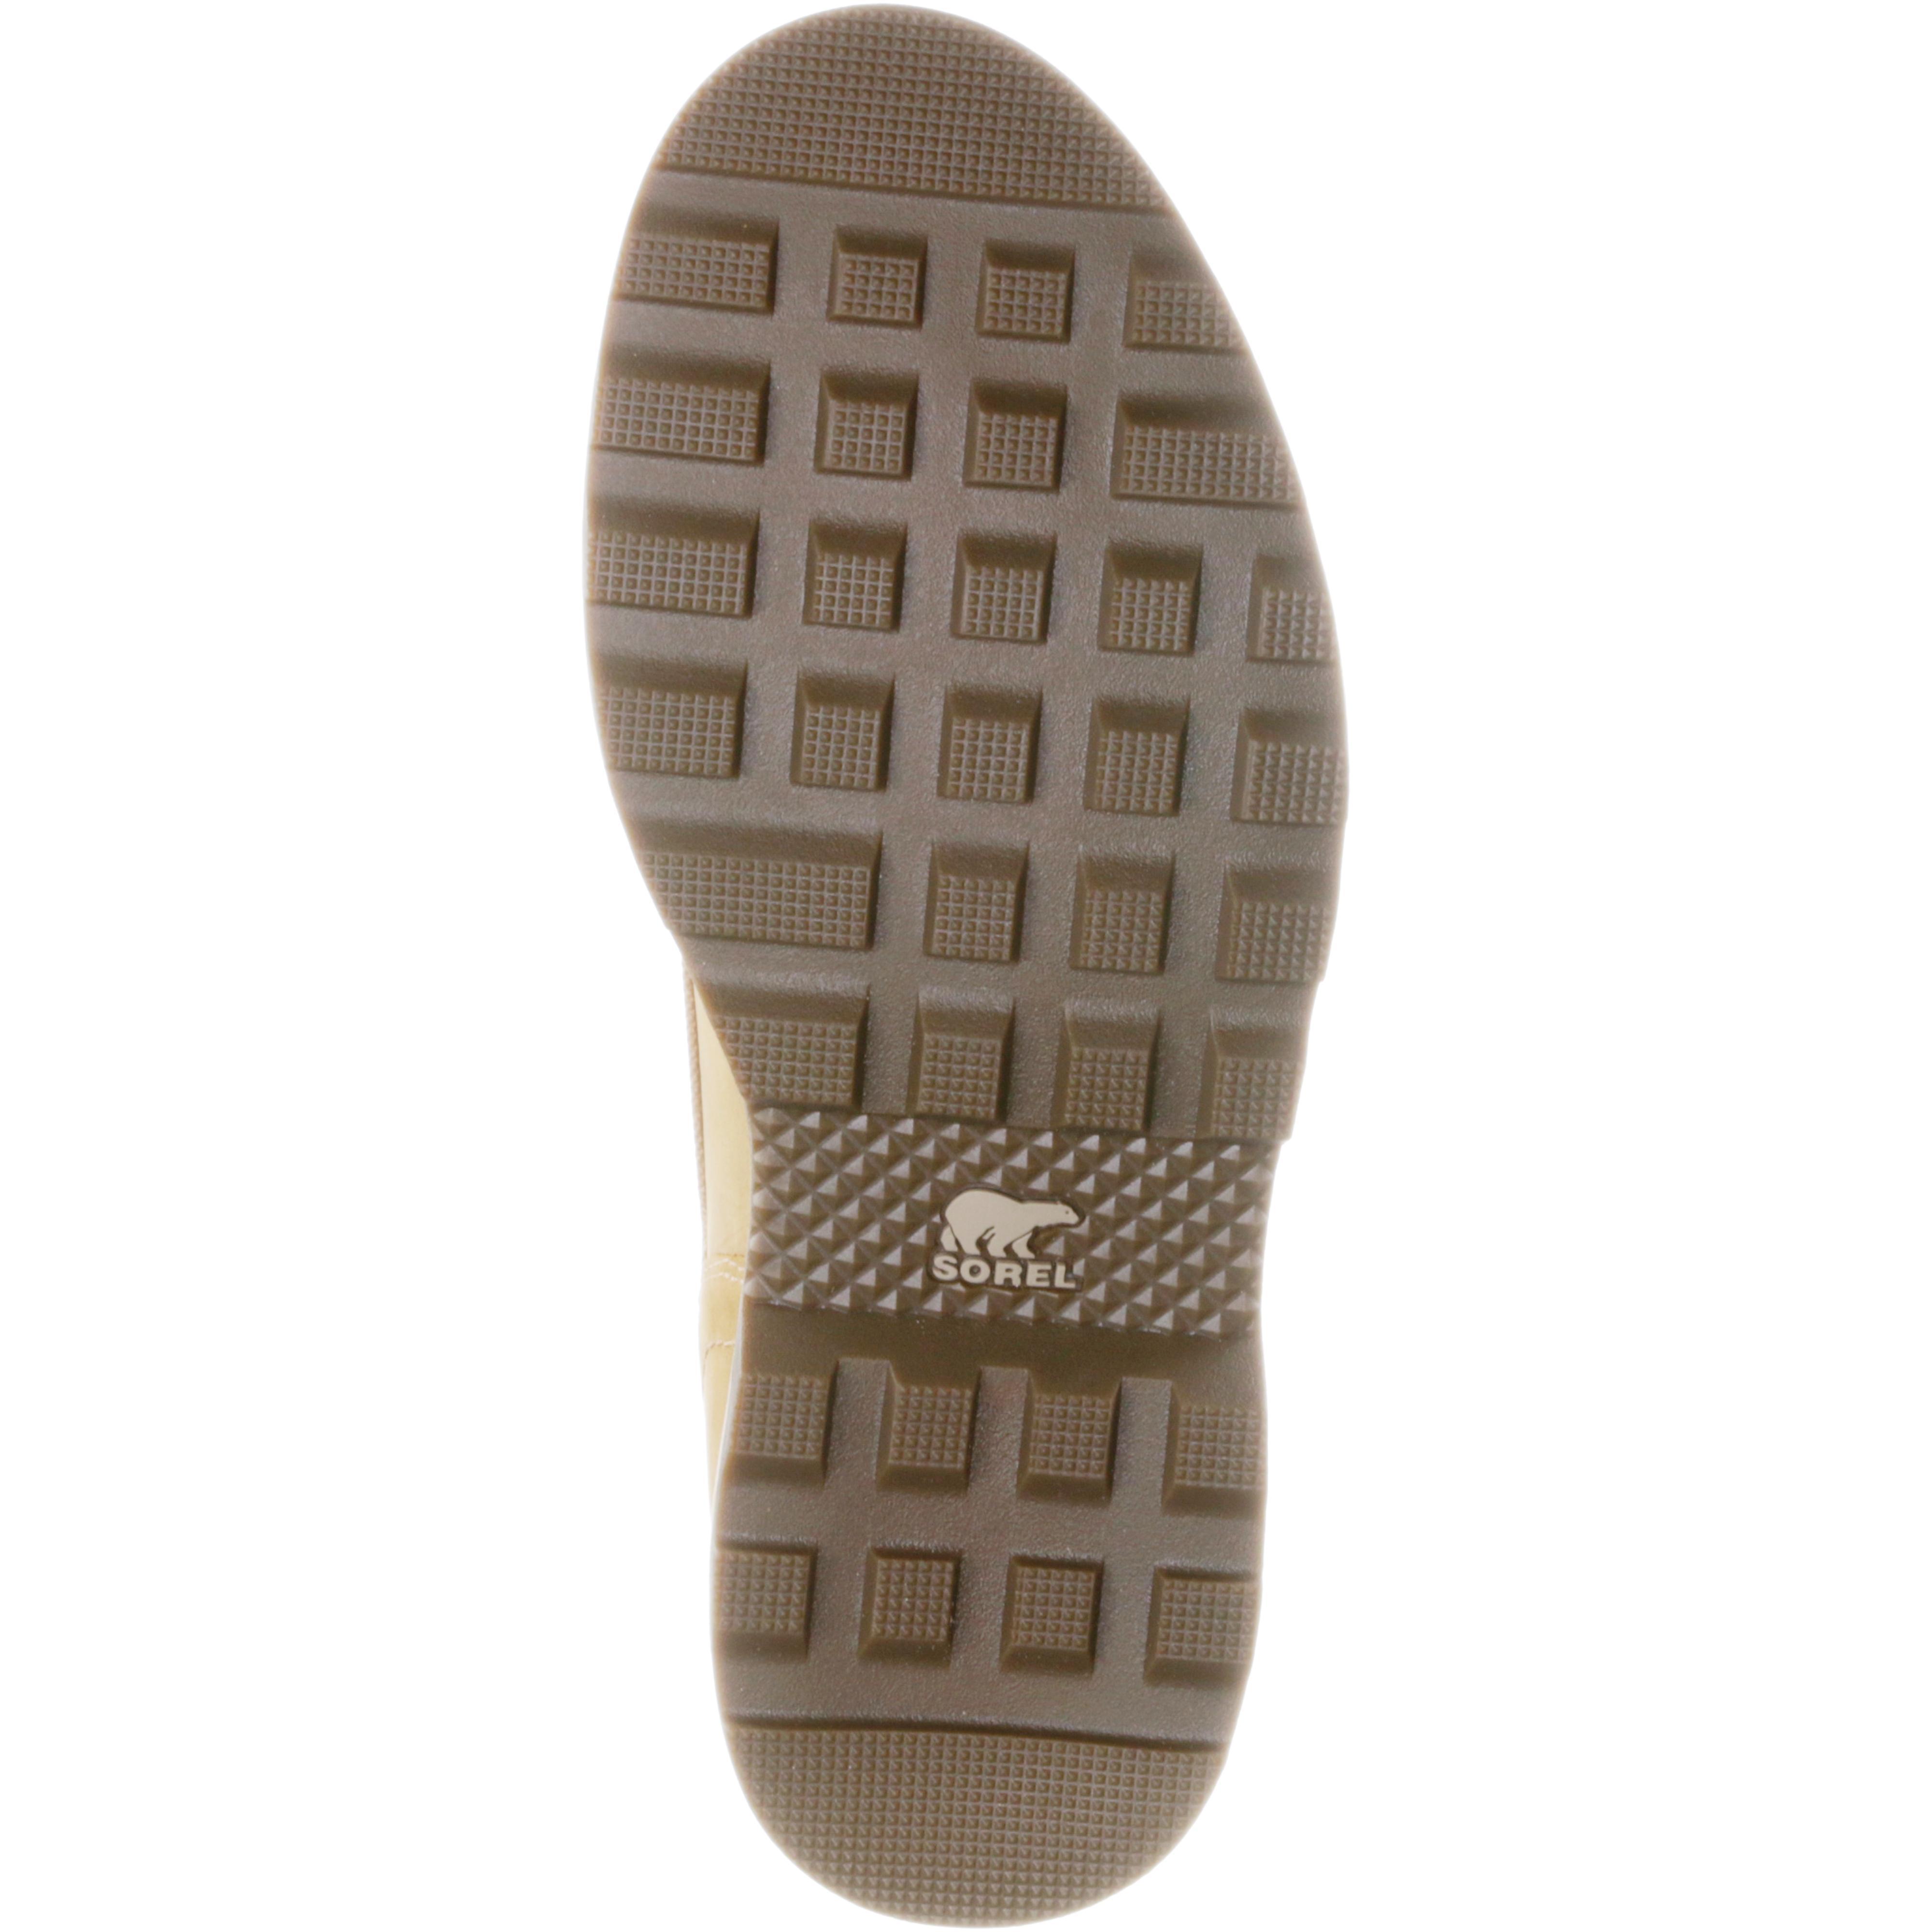 Sorel Portzman Portzman Portzman Moc Toe Winterschuhe Herren elk-ancient fossil im Online Shop von SportScheck kaufen Gute Qualität beliebte Schuhe a08625